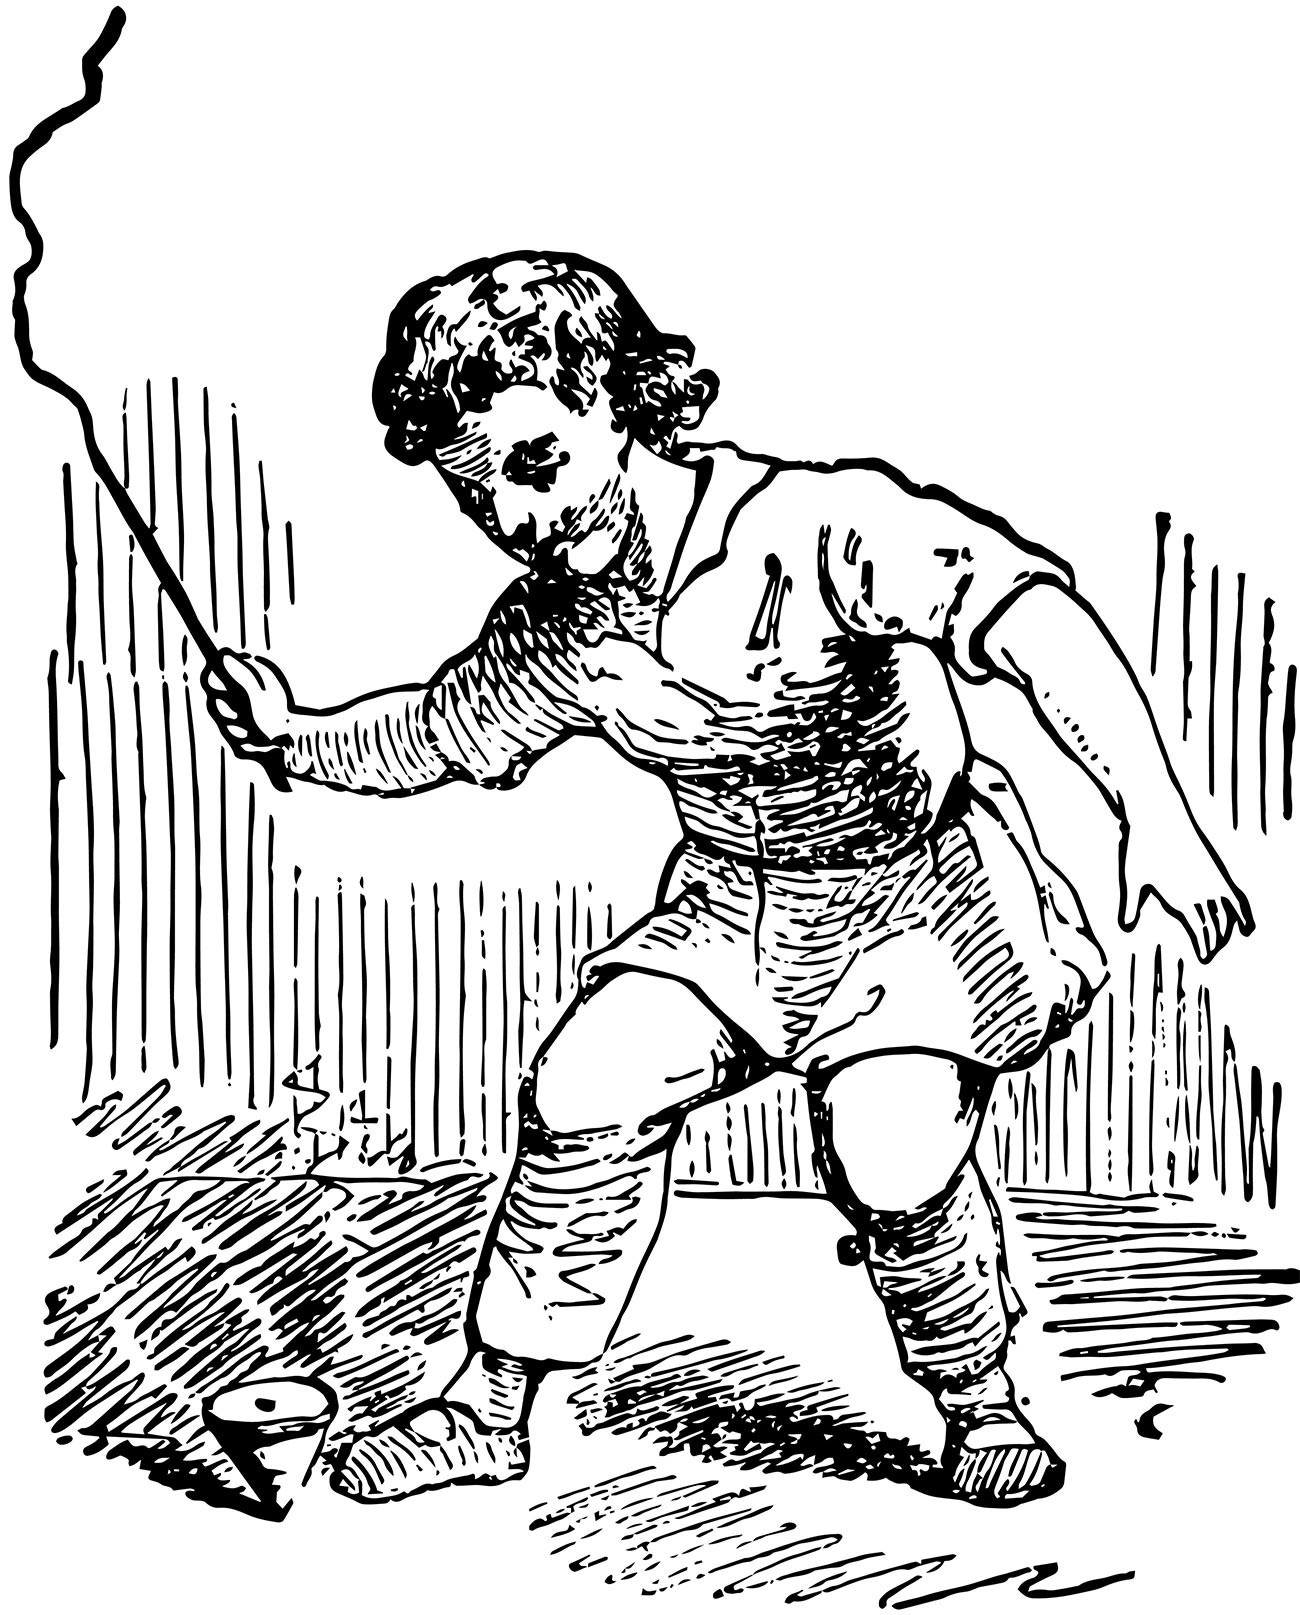 Deček, ki se igra z vrtavko.